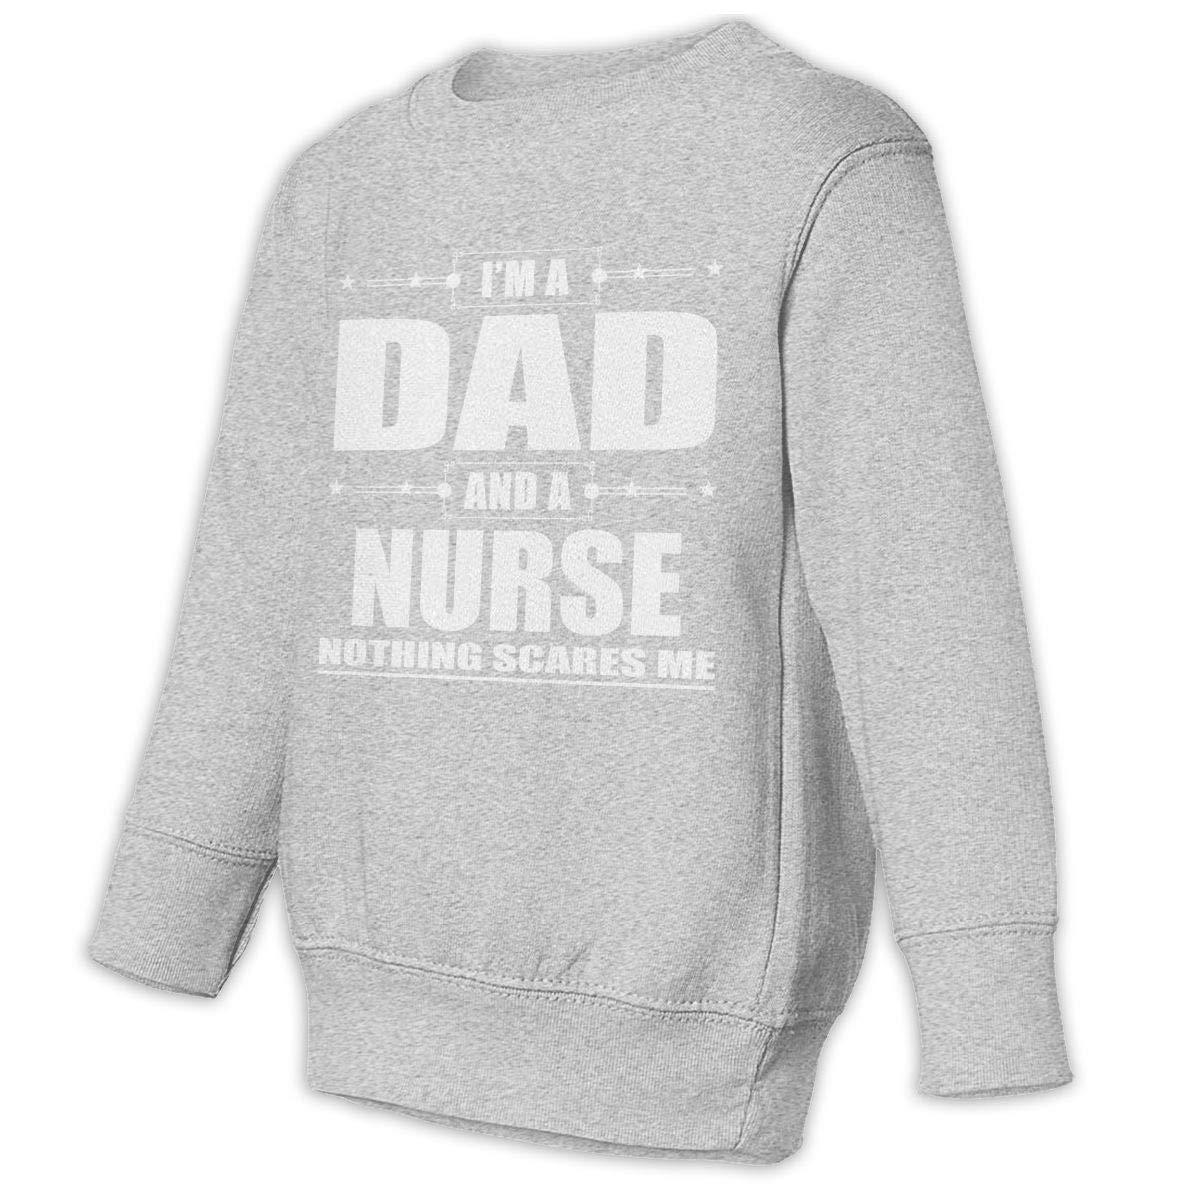 JAWANNA Dad and A Nurse Nothing Scares Me Toddler Juvenile Sweatshirt Age 2T-6T Black